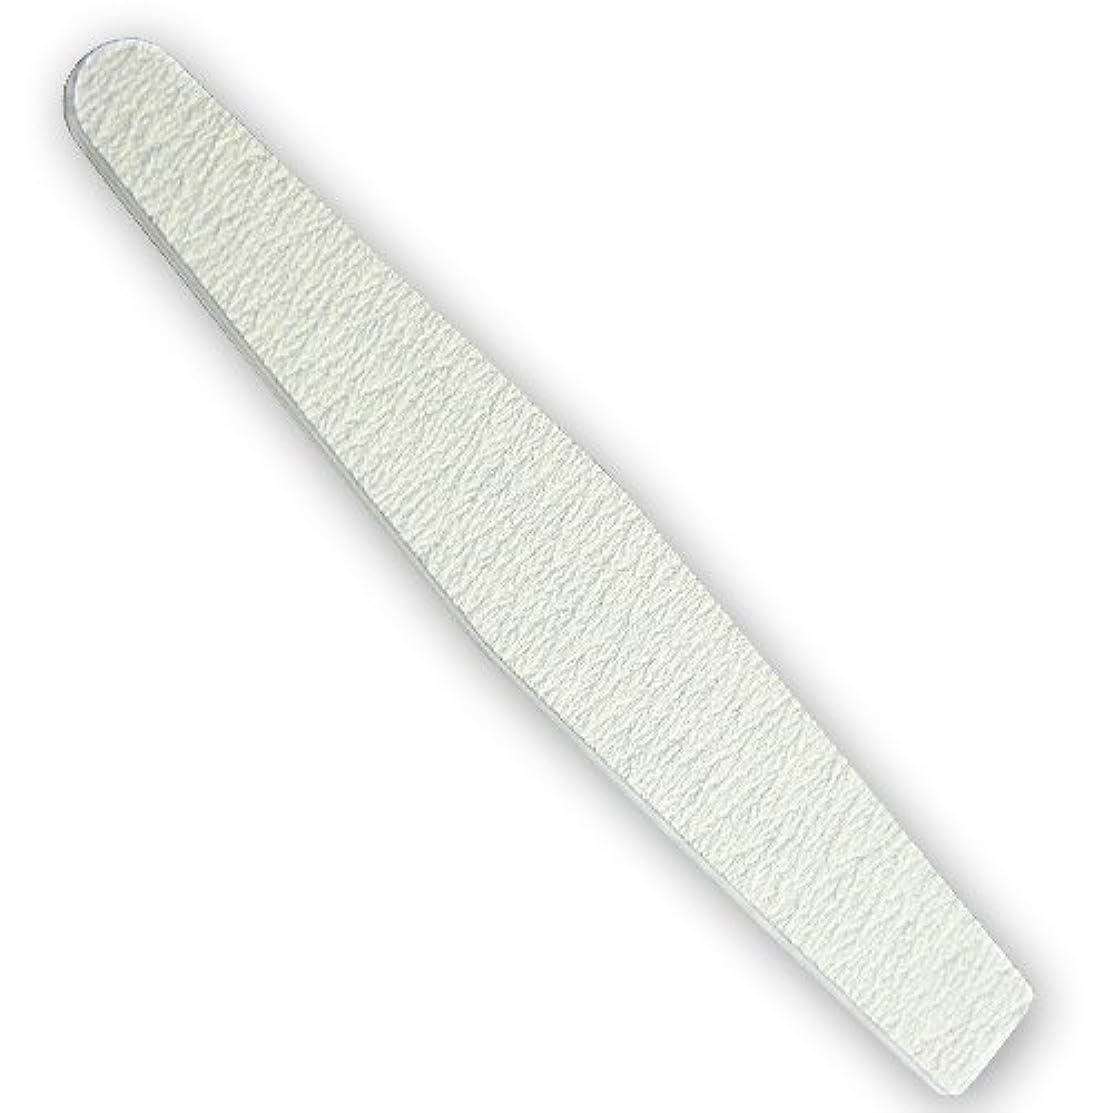 電話をかけるコントロール適用済みジェルネイル用ファイル100/180(爪やすり)シンプルで使いやすい